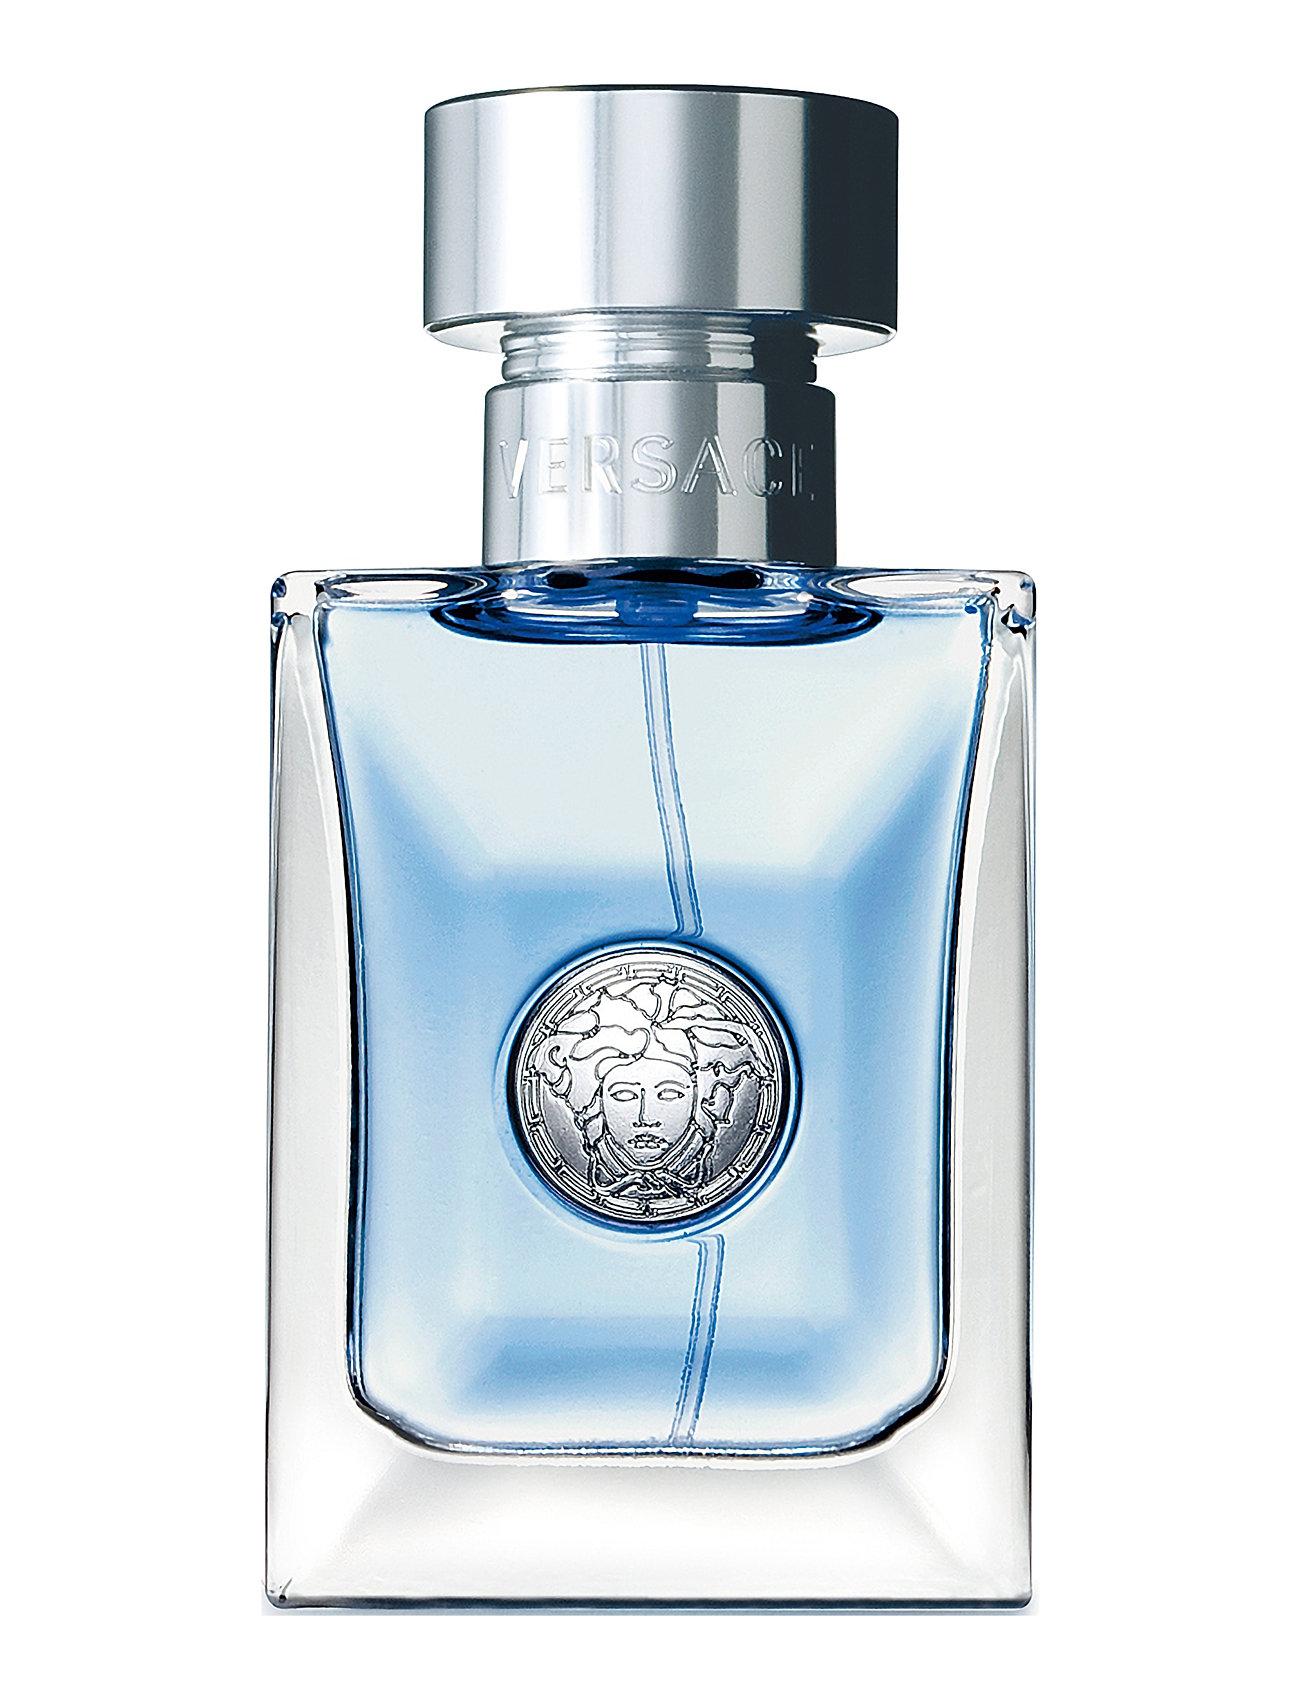 versace fragrance Versace pour homme eau de toilette på boozt.com dk